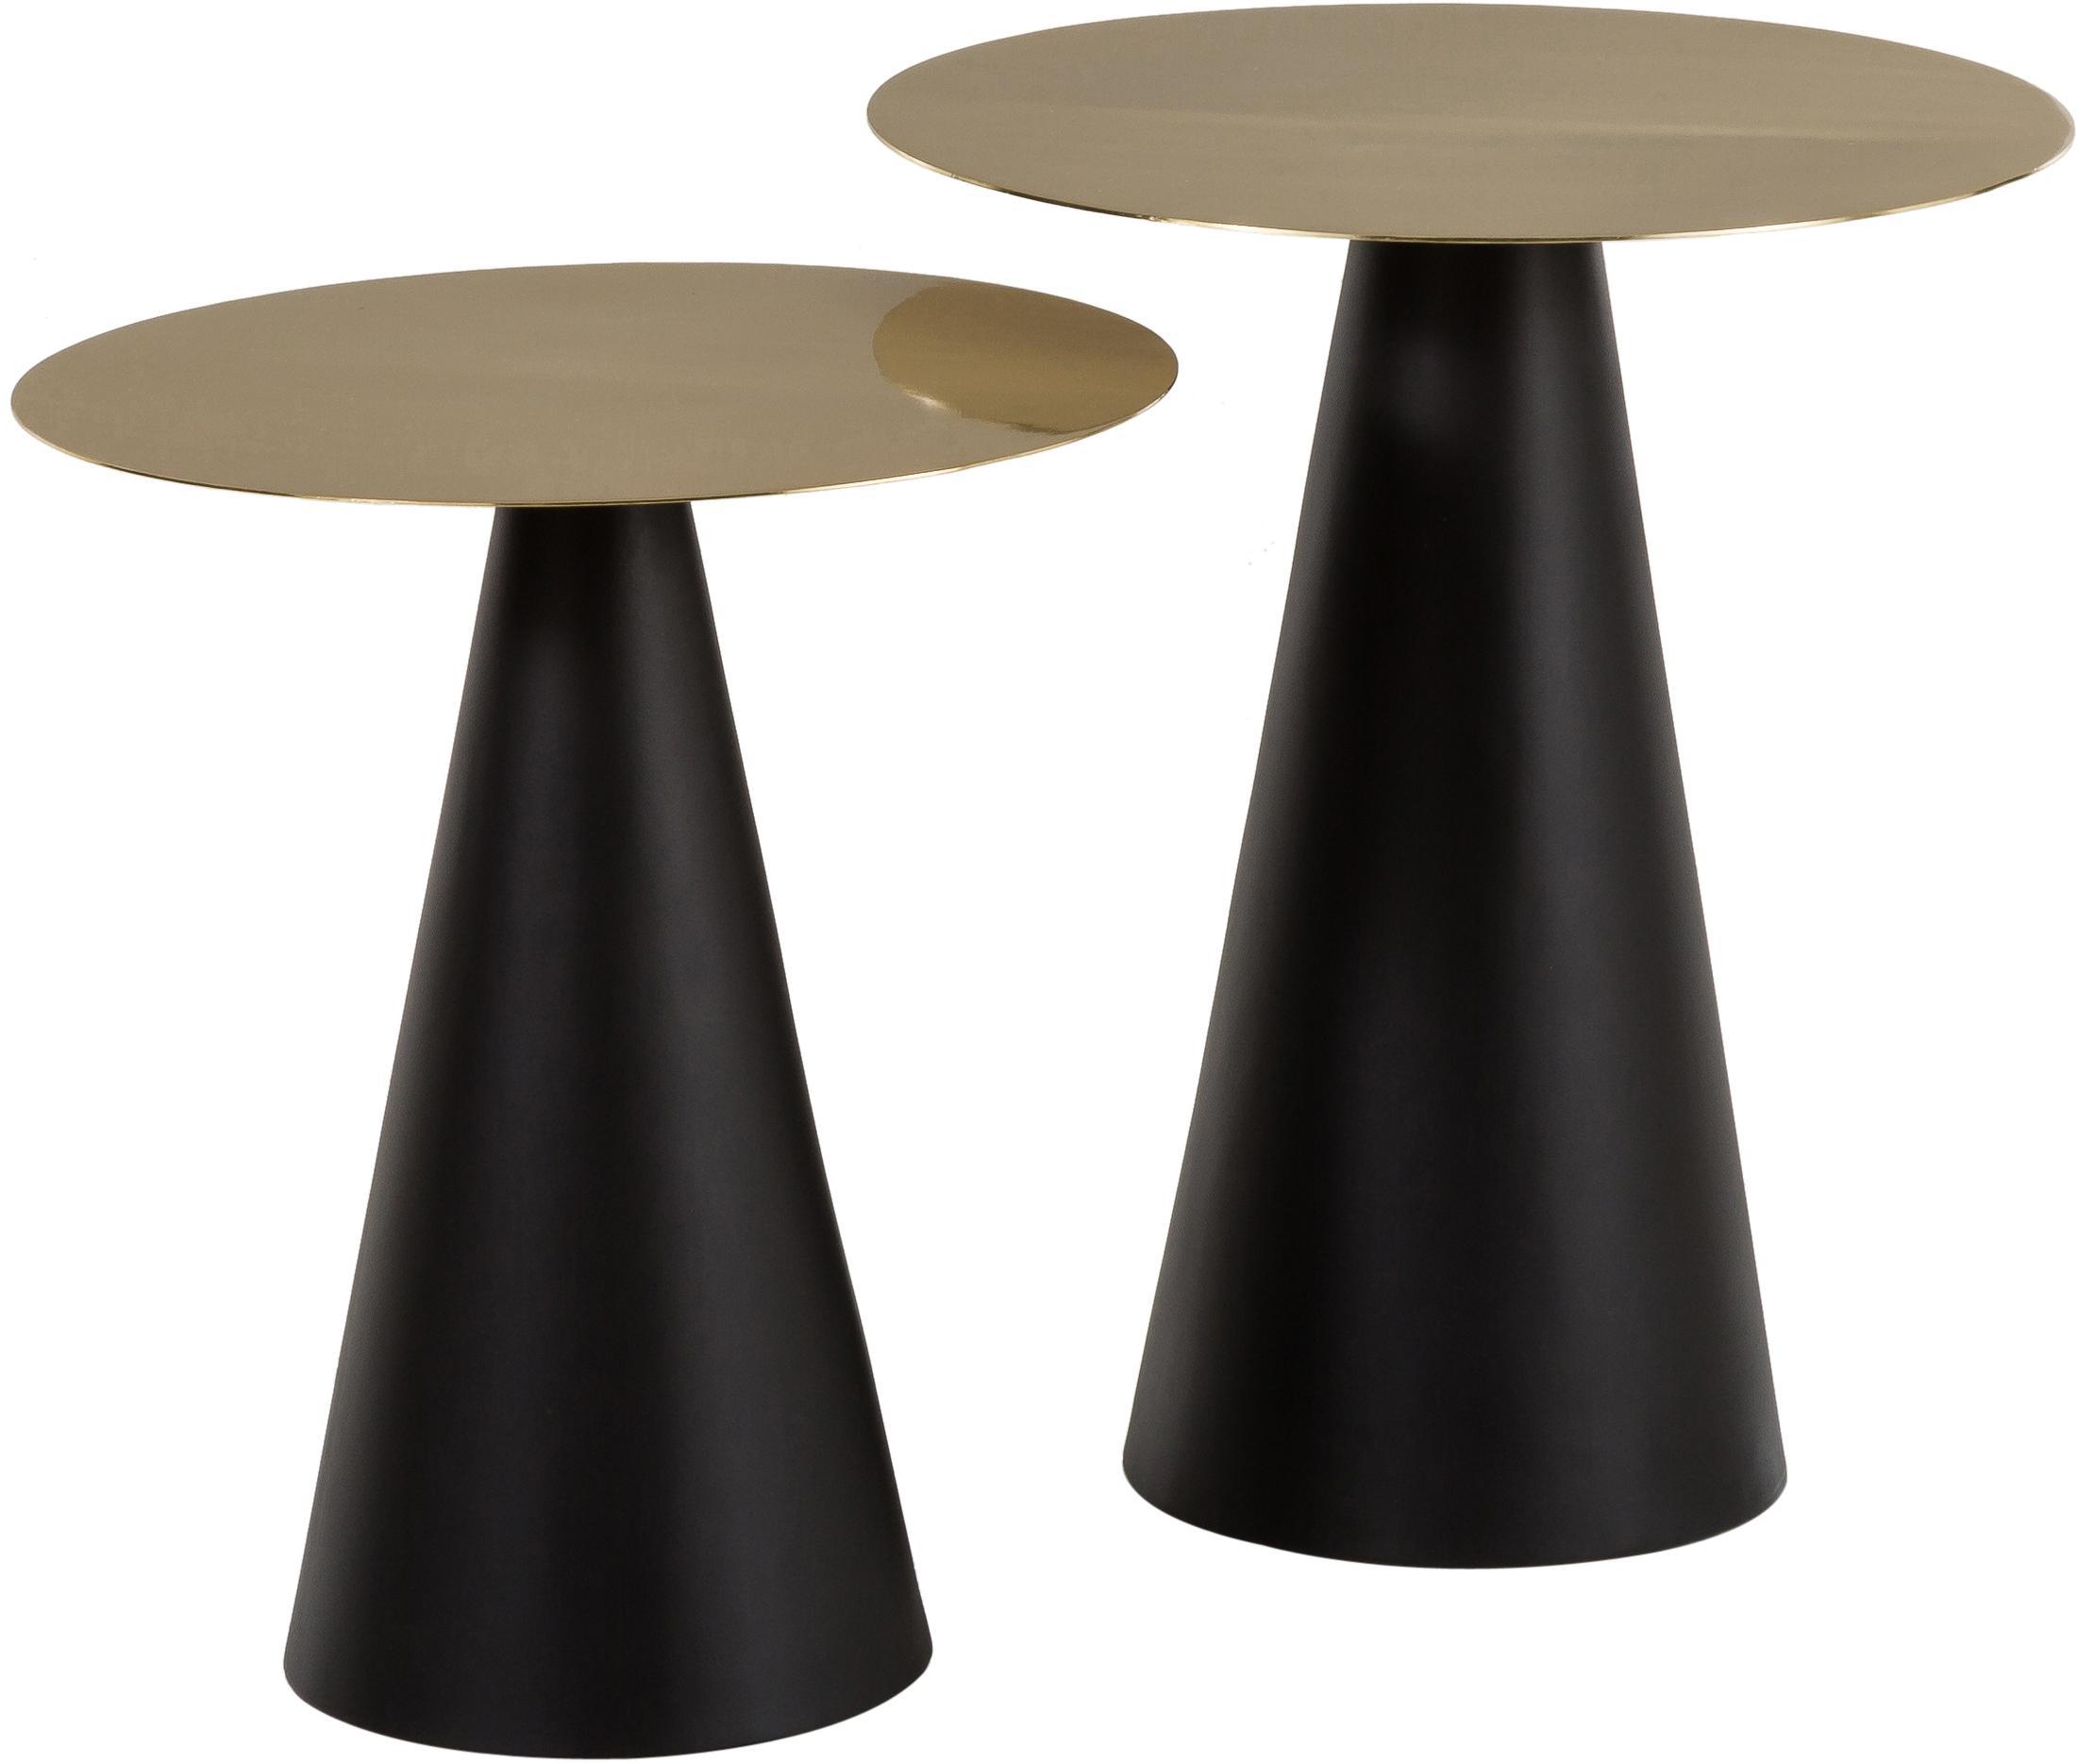 Set de mesas auxiliares Zelda, 2uds., Tablero: metal recubierto, Estructura: metal, pintura en polvo, Dorado, negro, Set de diferentes tamaños